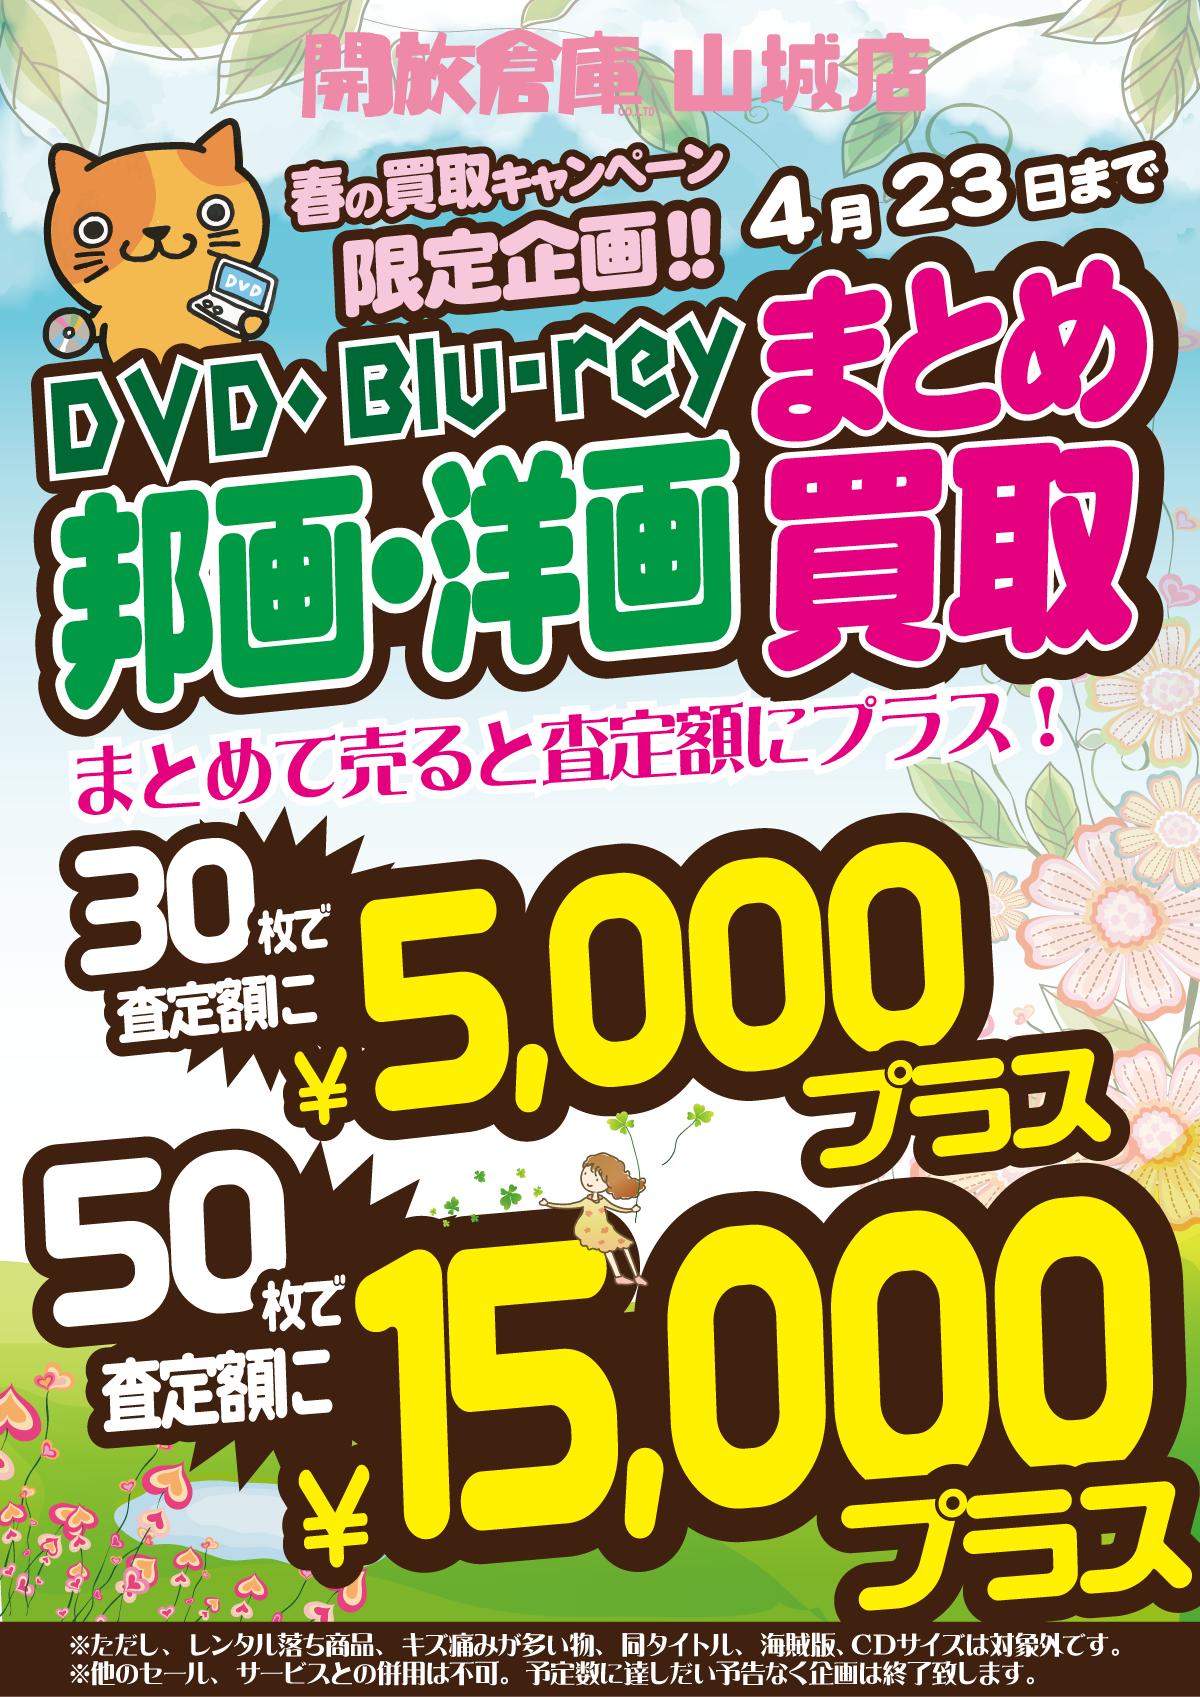 「開放倉庫山城店」4月23日まで、春の買取キャンペーン限定企画!!DVD・Blu-ray邦画・洋画まとめ買取!!